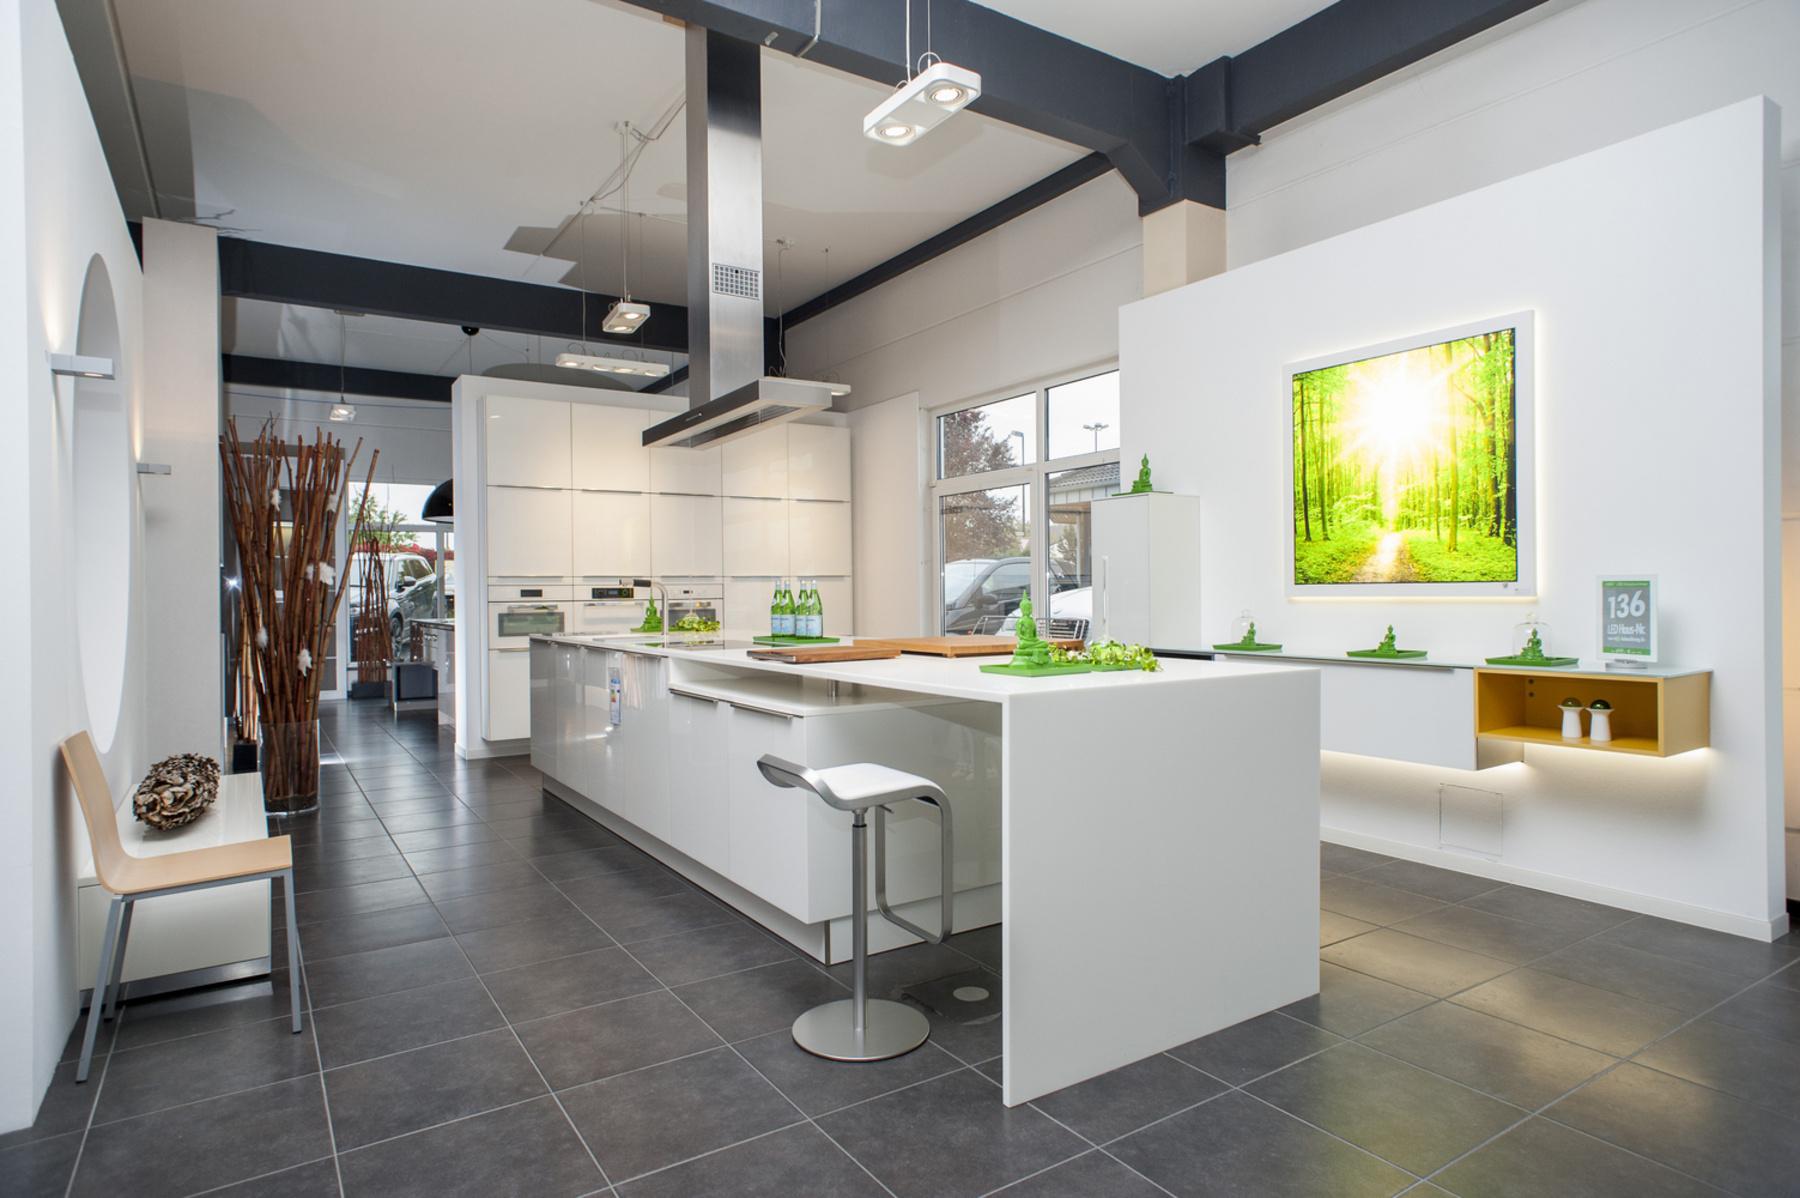 Küchenausstellung von Schorn Einbauküchen